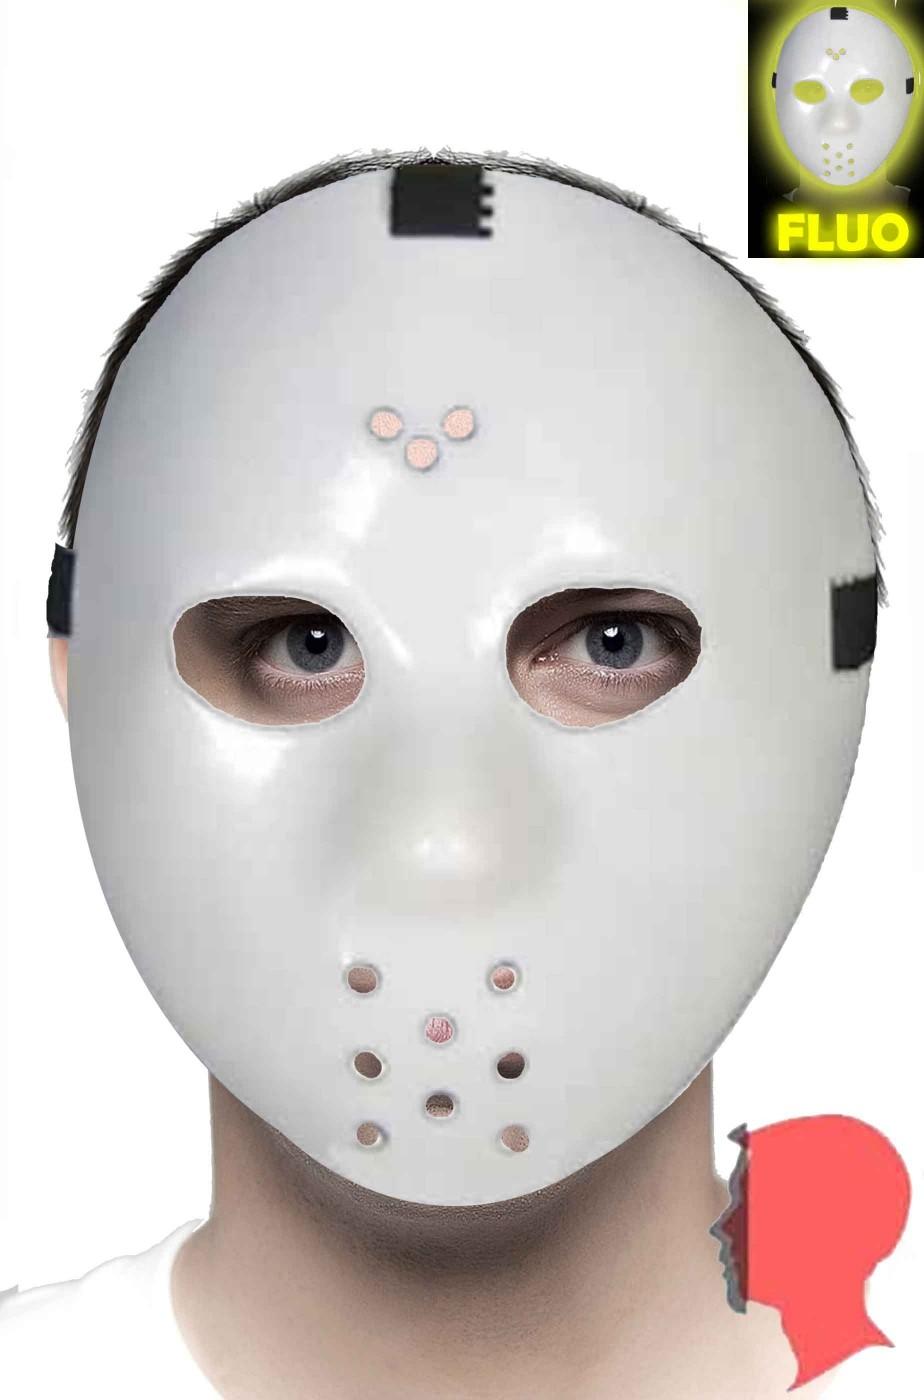 Maschera Halloween Hockey jason Fluorescente